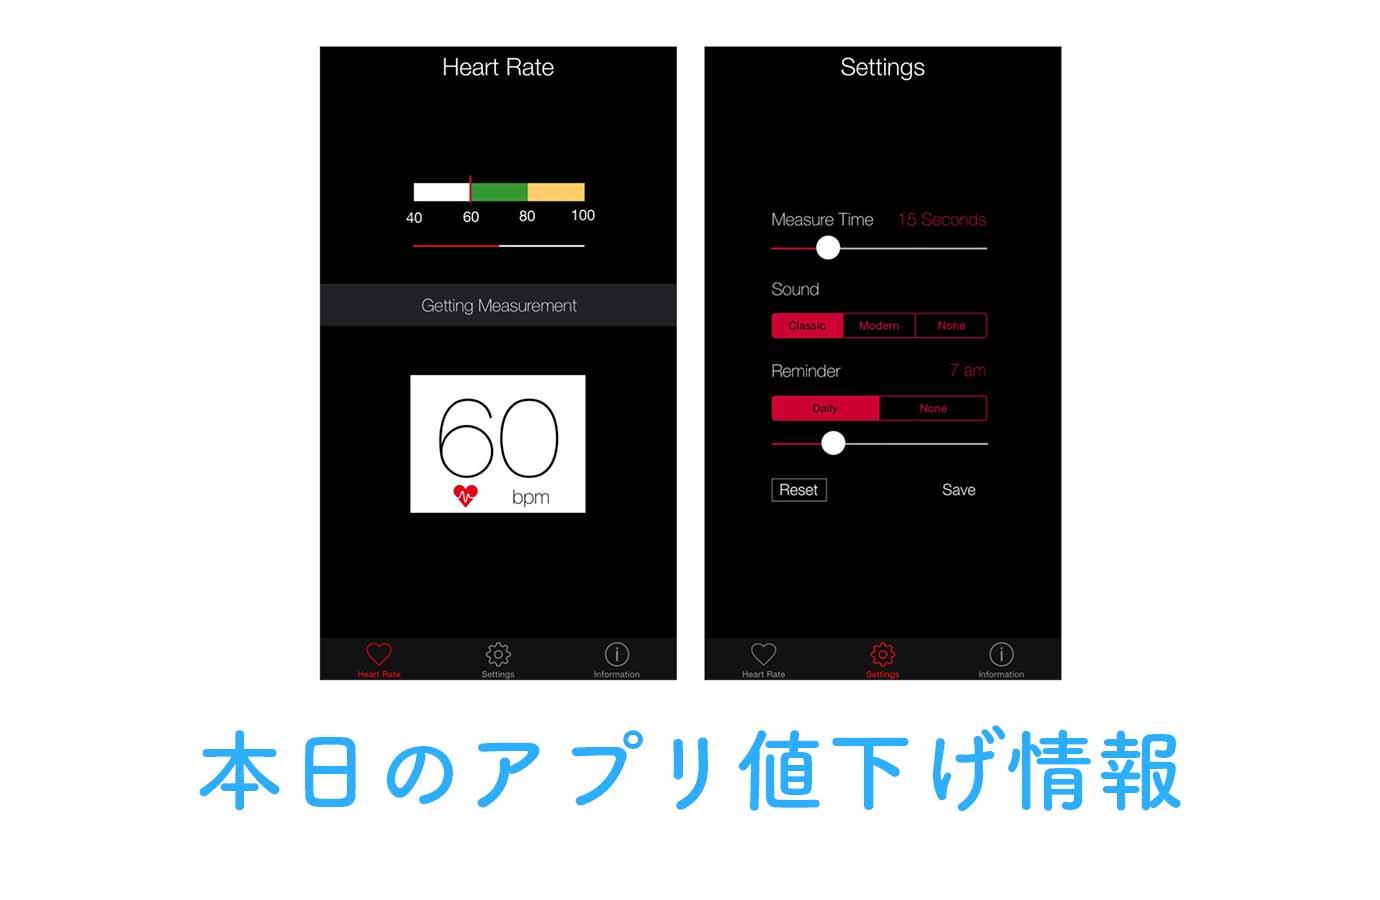 120円→無料!カメラを使って心拍数を計測することができる「Heart Rate Measurement」など【10/21】アプリ値下げ情報